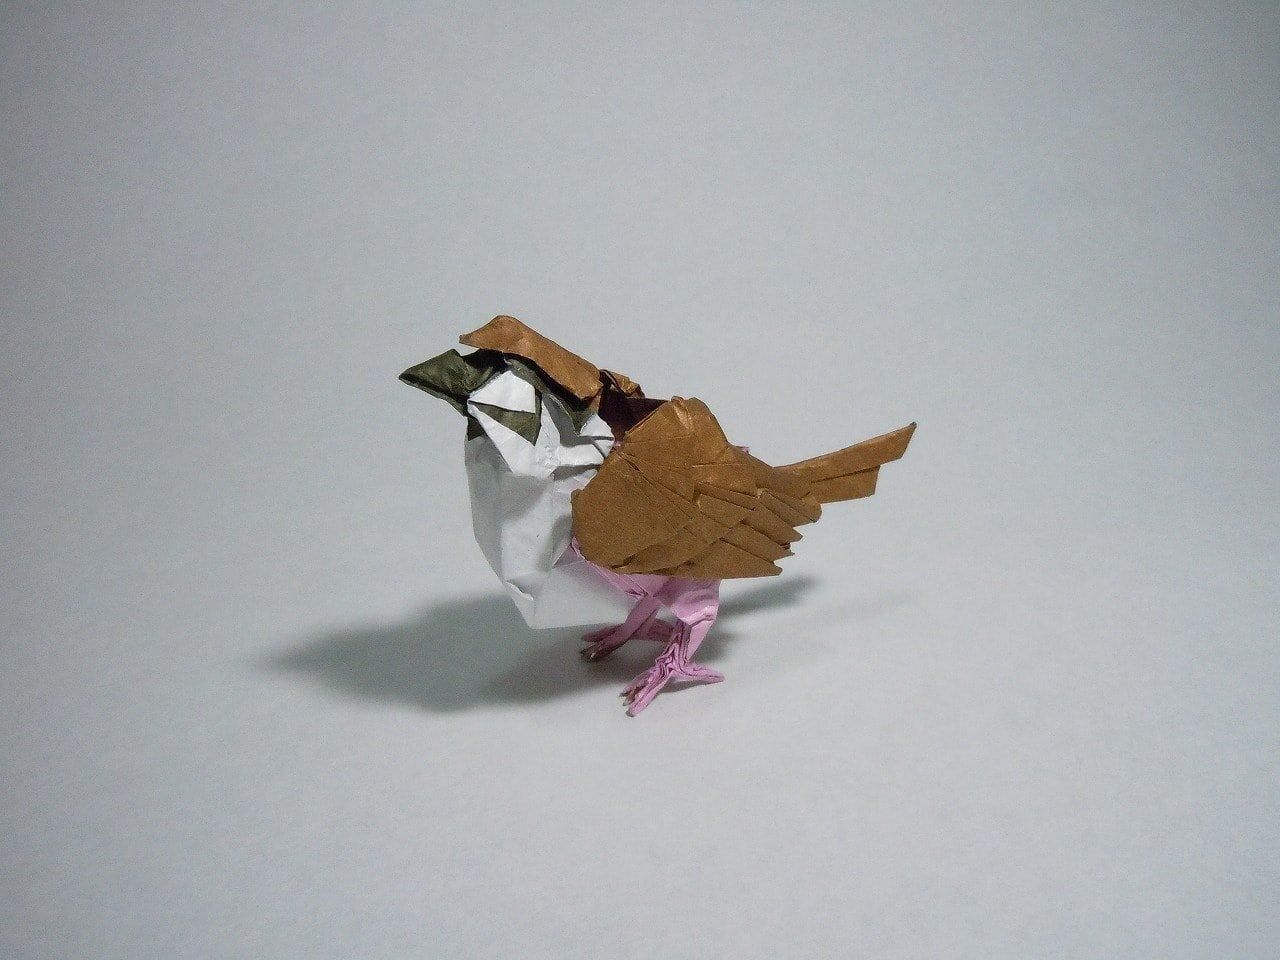 Eurasian Tree Sparrow by Jhon Doe